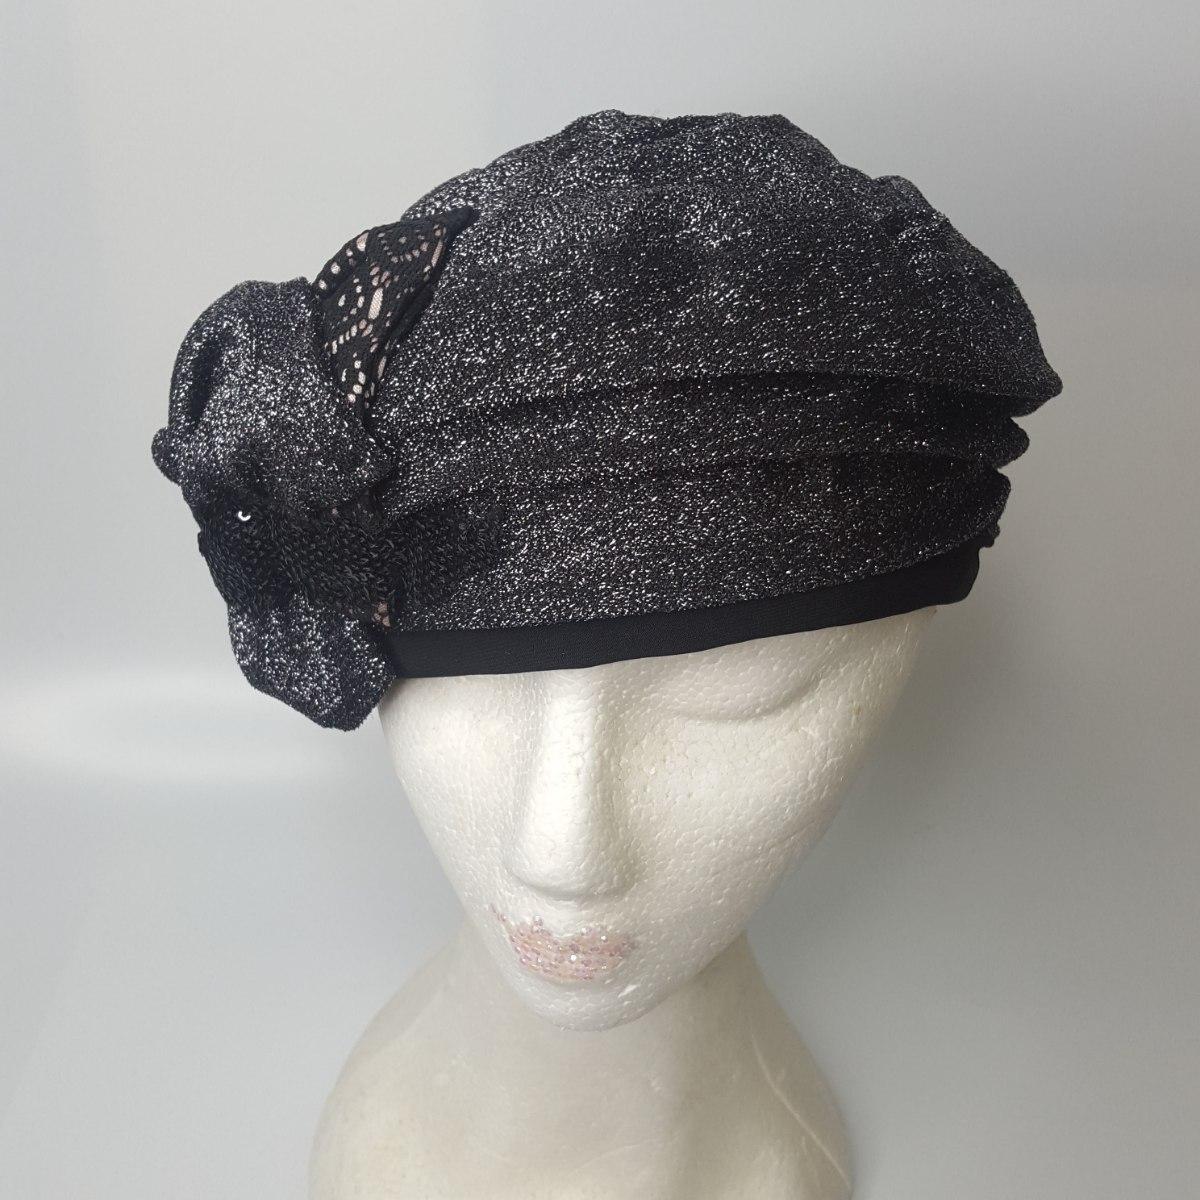 כובע מעוצב אלגנטי שחור לורקס